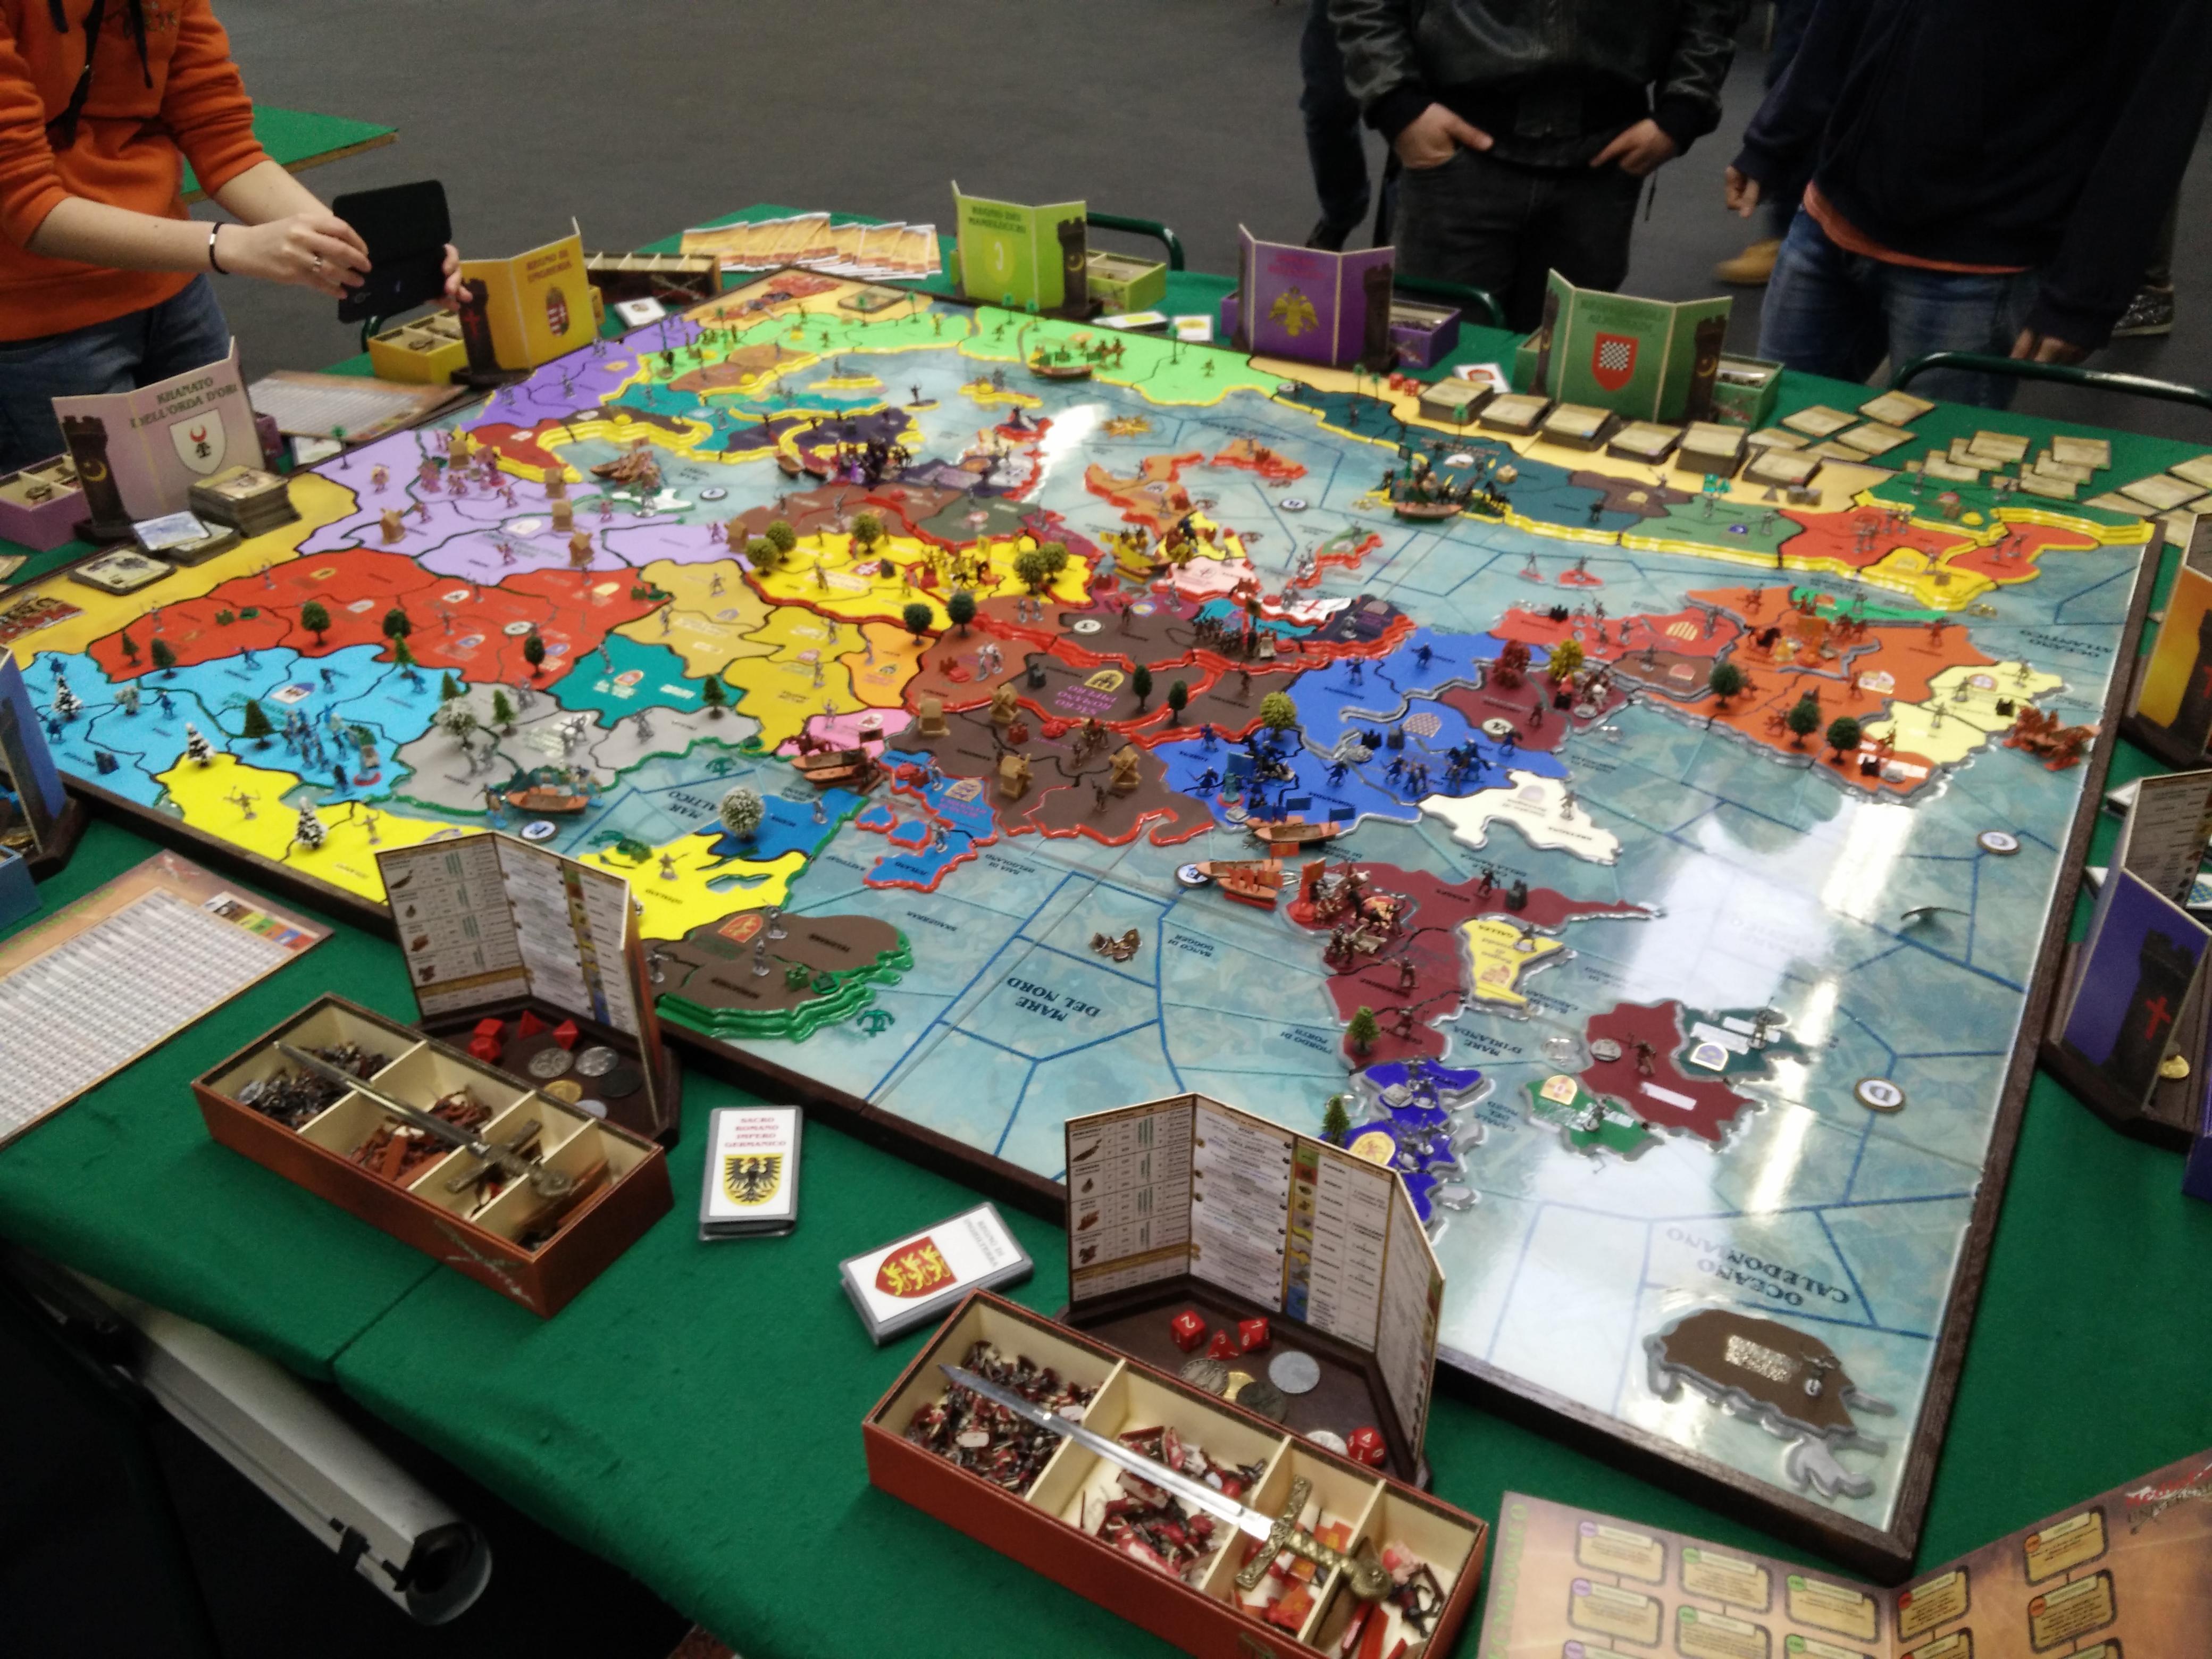 Forum d d gioco da tavolo medioevo universalis - Dungeon gioco da tavolo ...